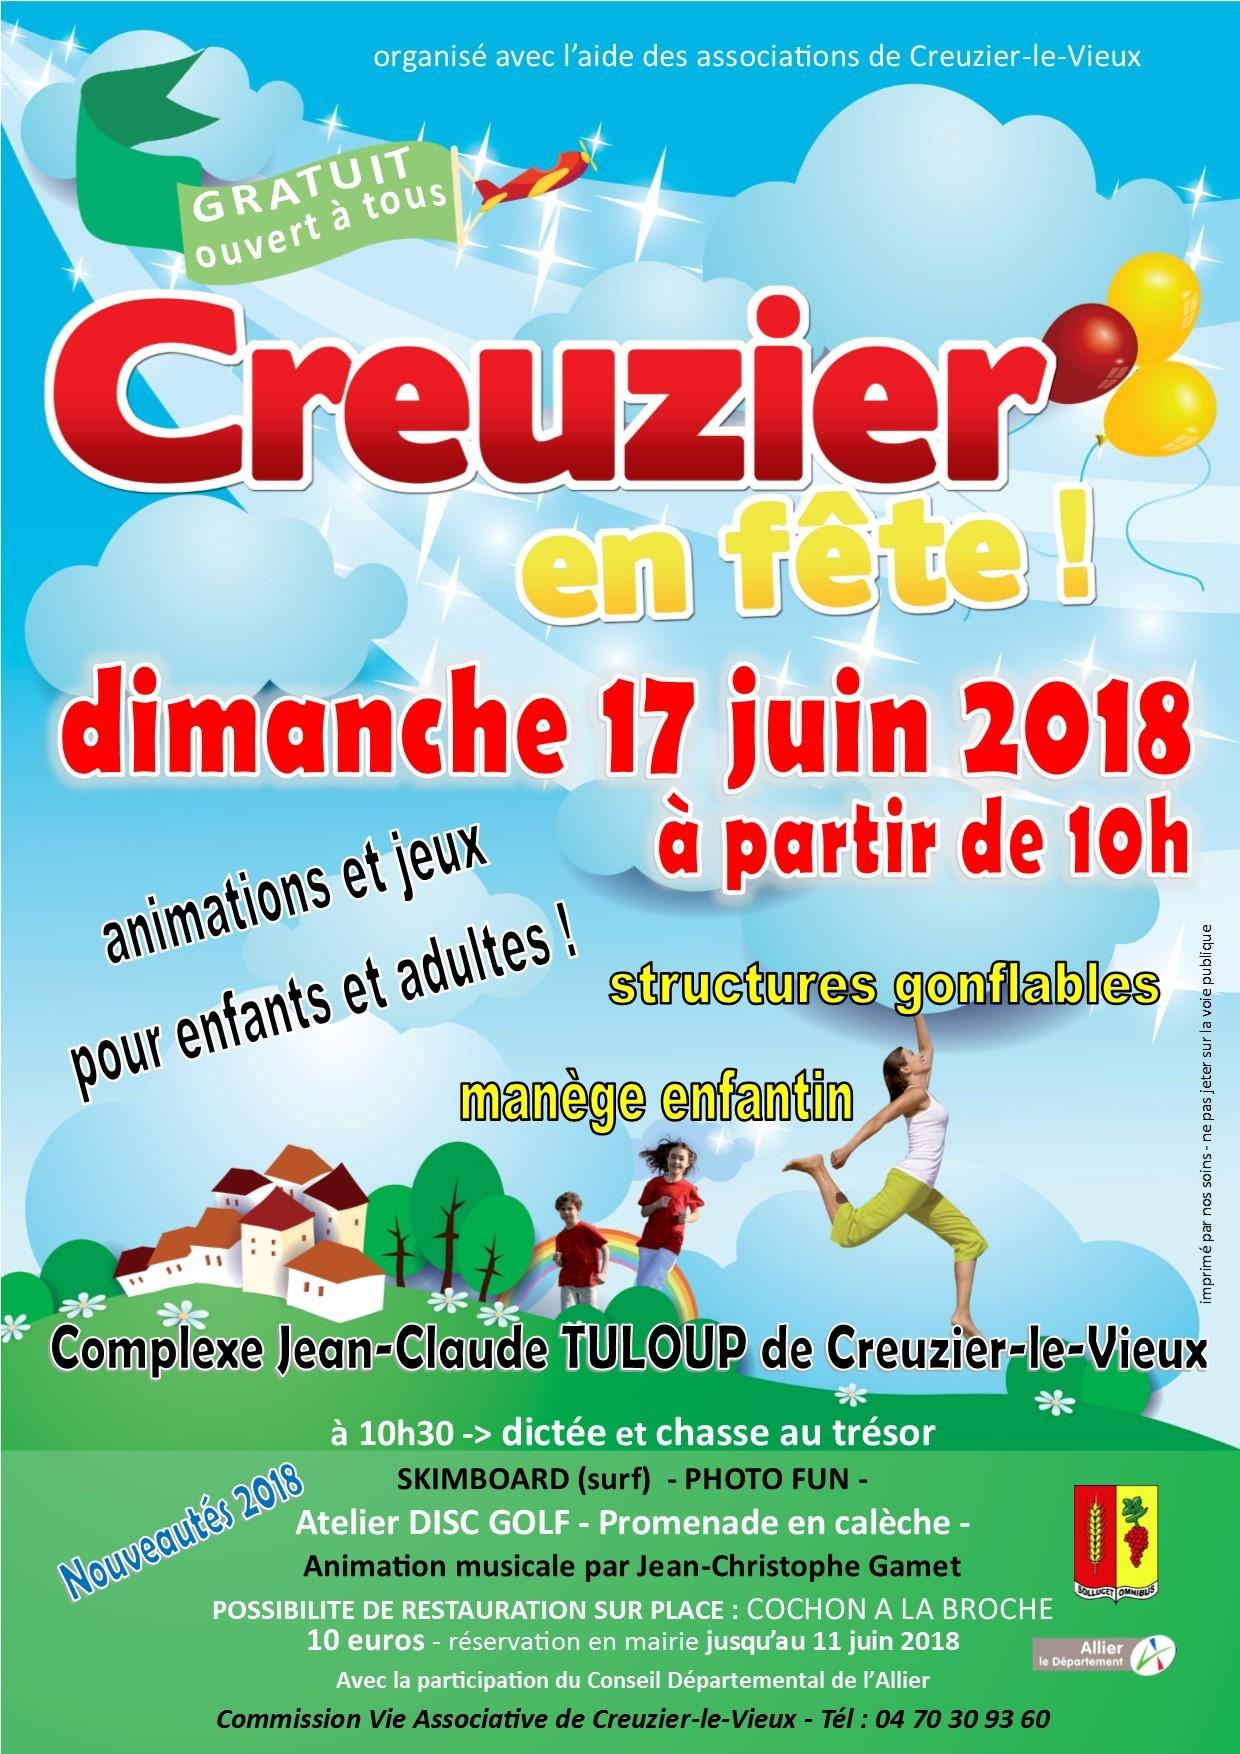 CREUZIER EN FETE - 17 juin 2018